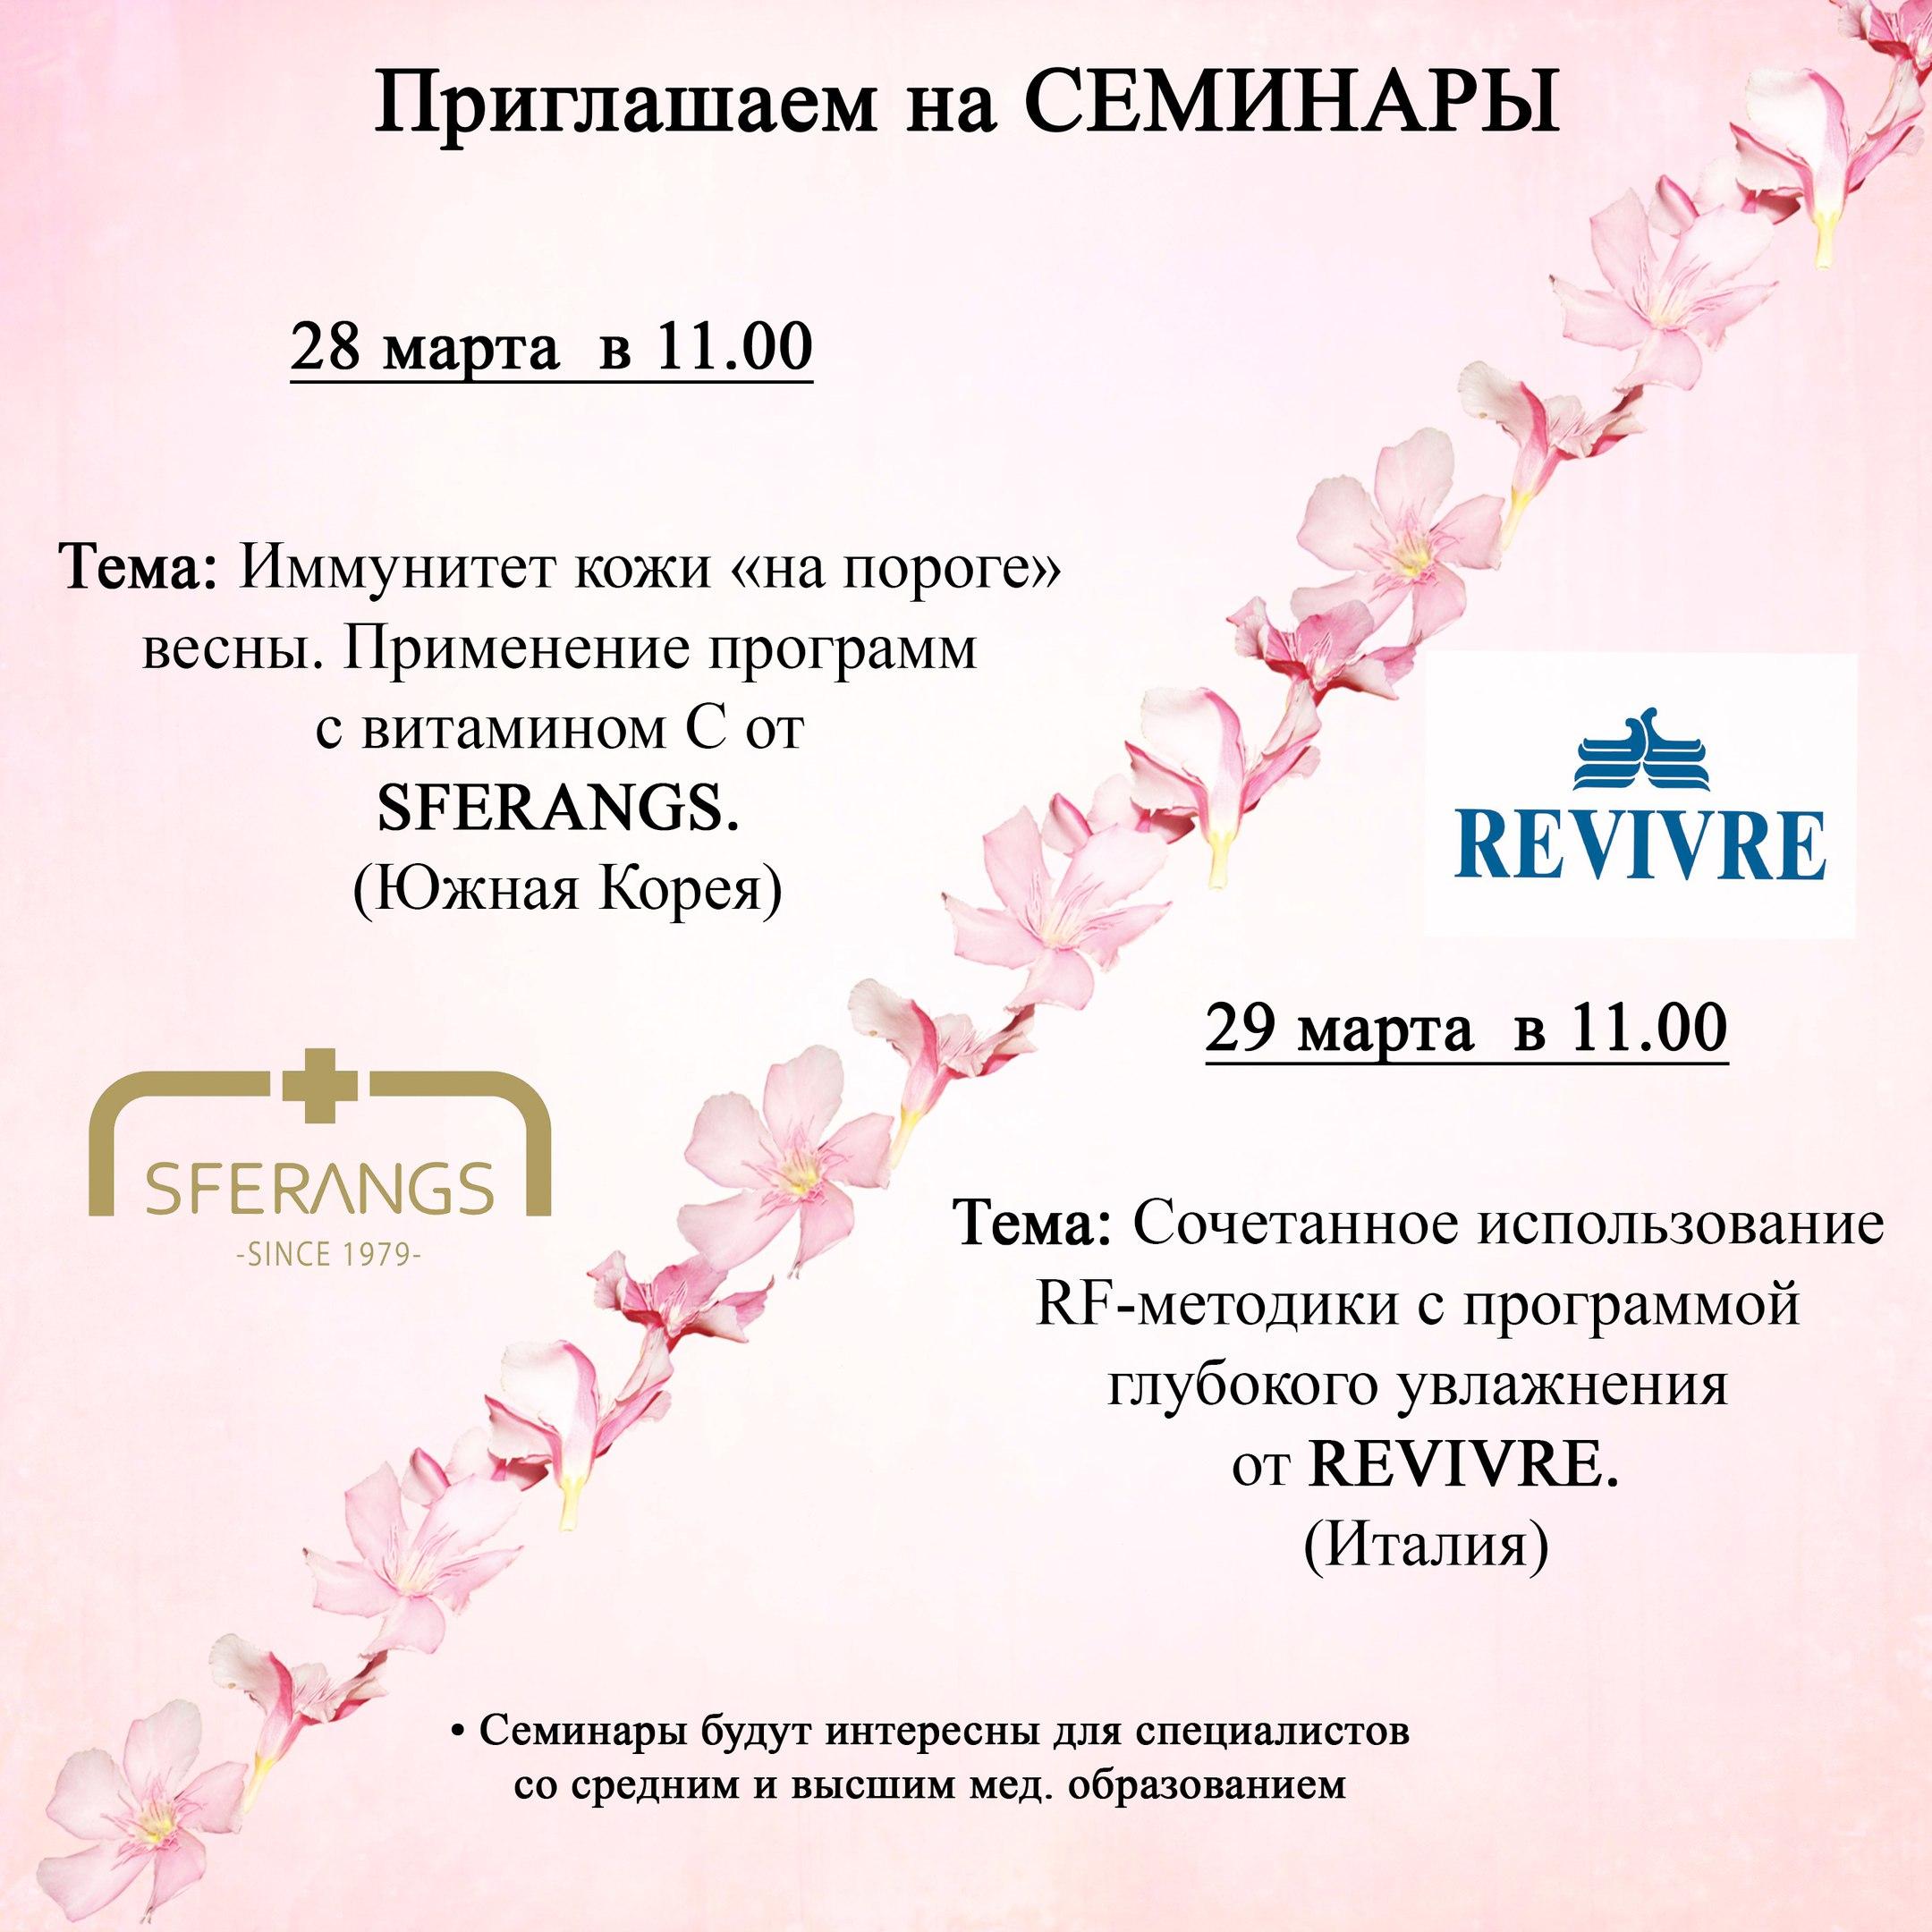 Приглашаем на семинары 28 и 29 марта